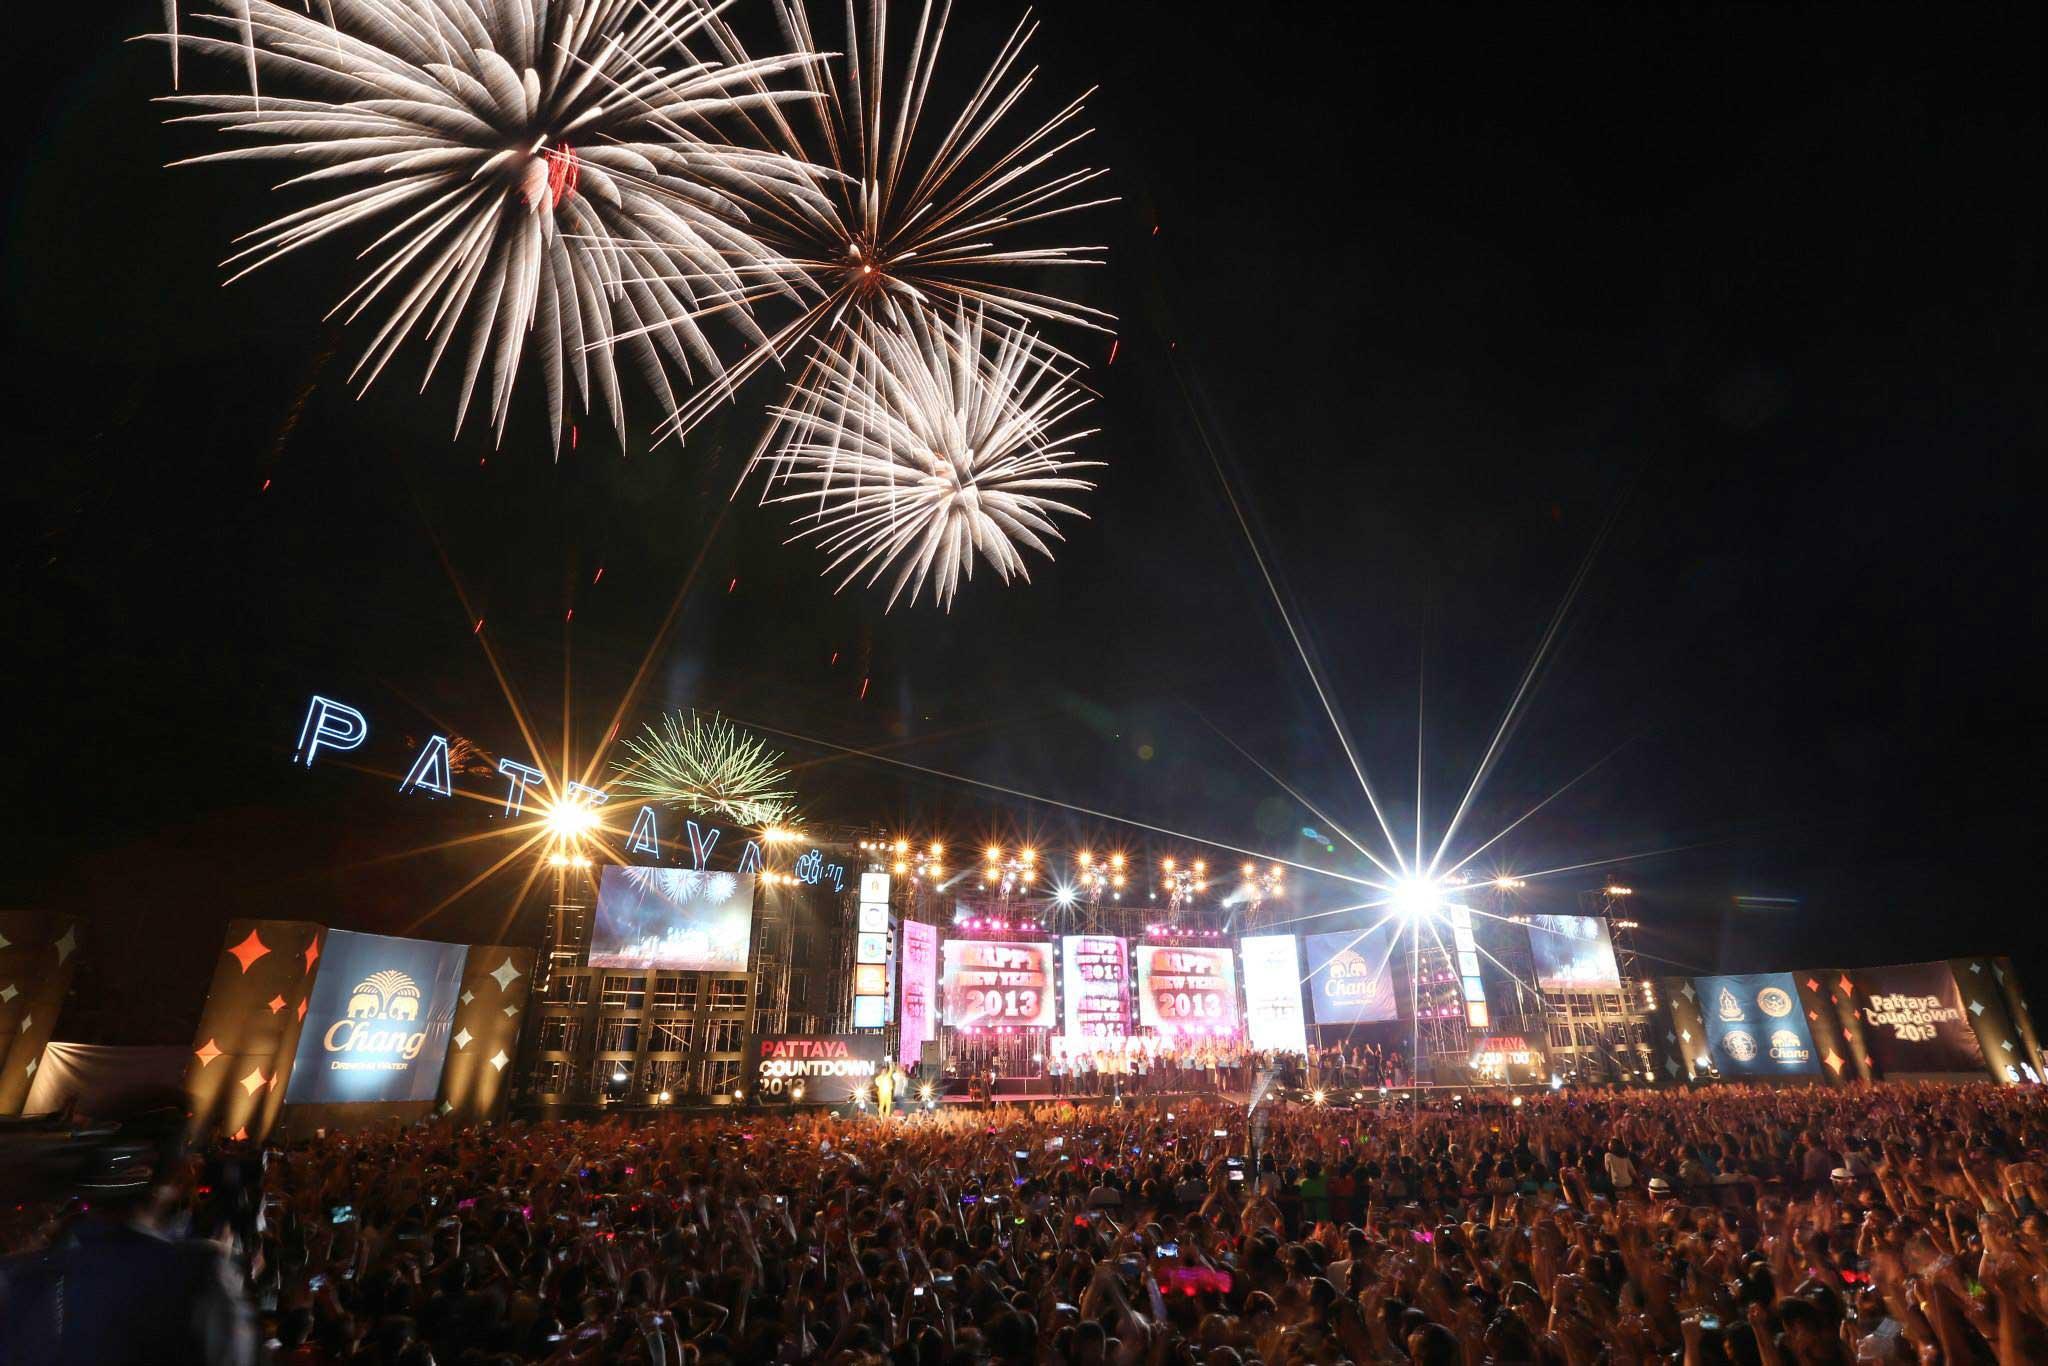 เทศกาลดนตรีเมืองพัทยา 2558